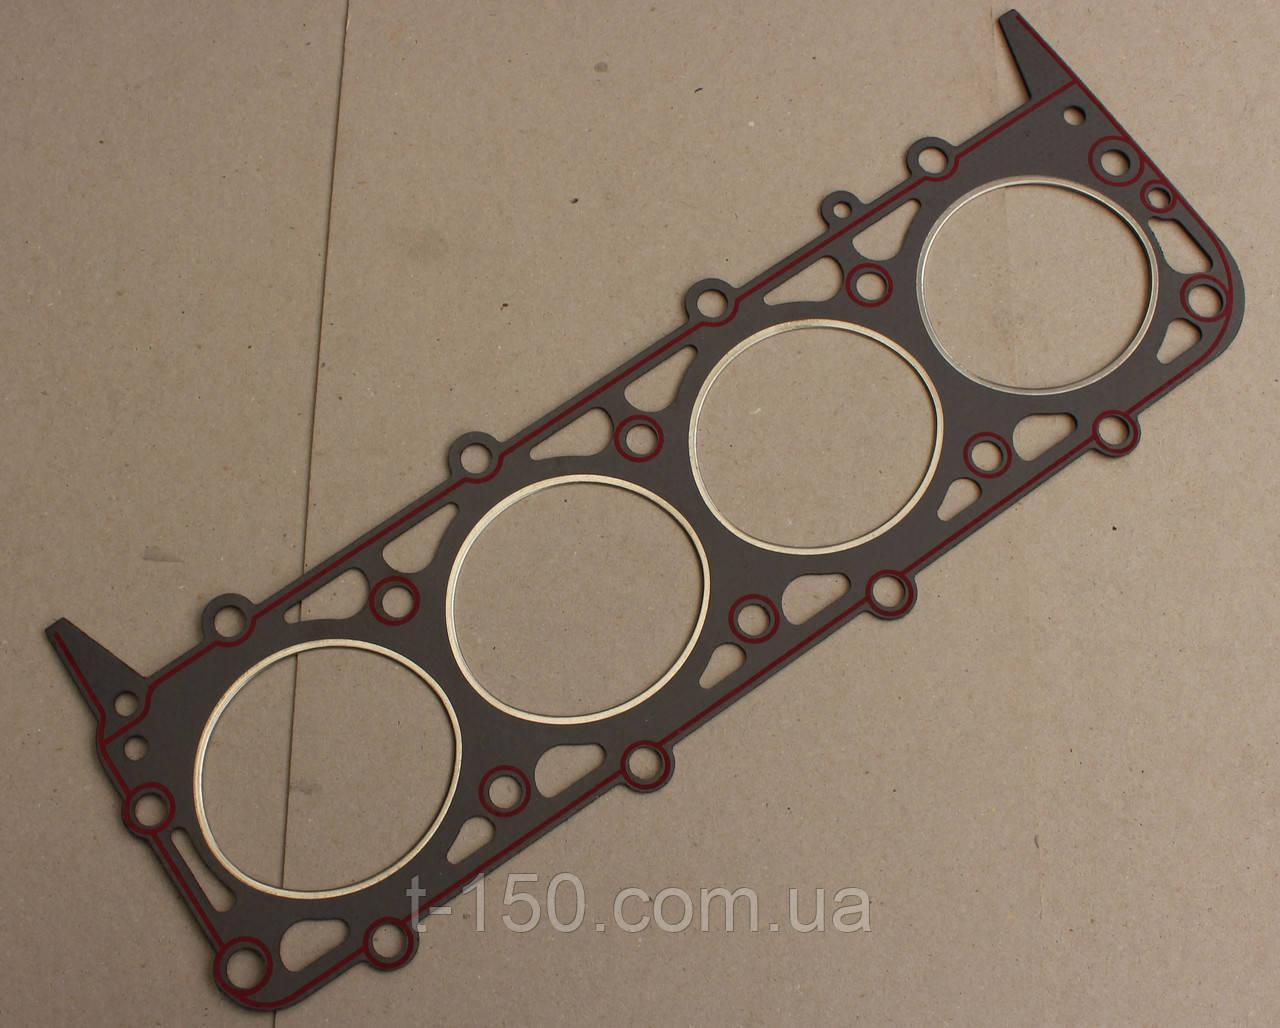 Прокладка ГБЦ ГАЗ-53 (безасбестовая с герметиком) (66.01.1003020)